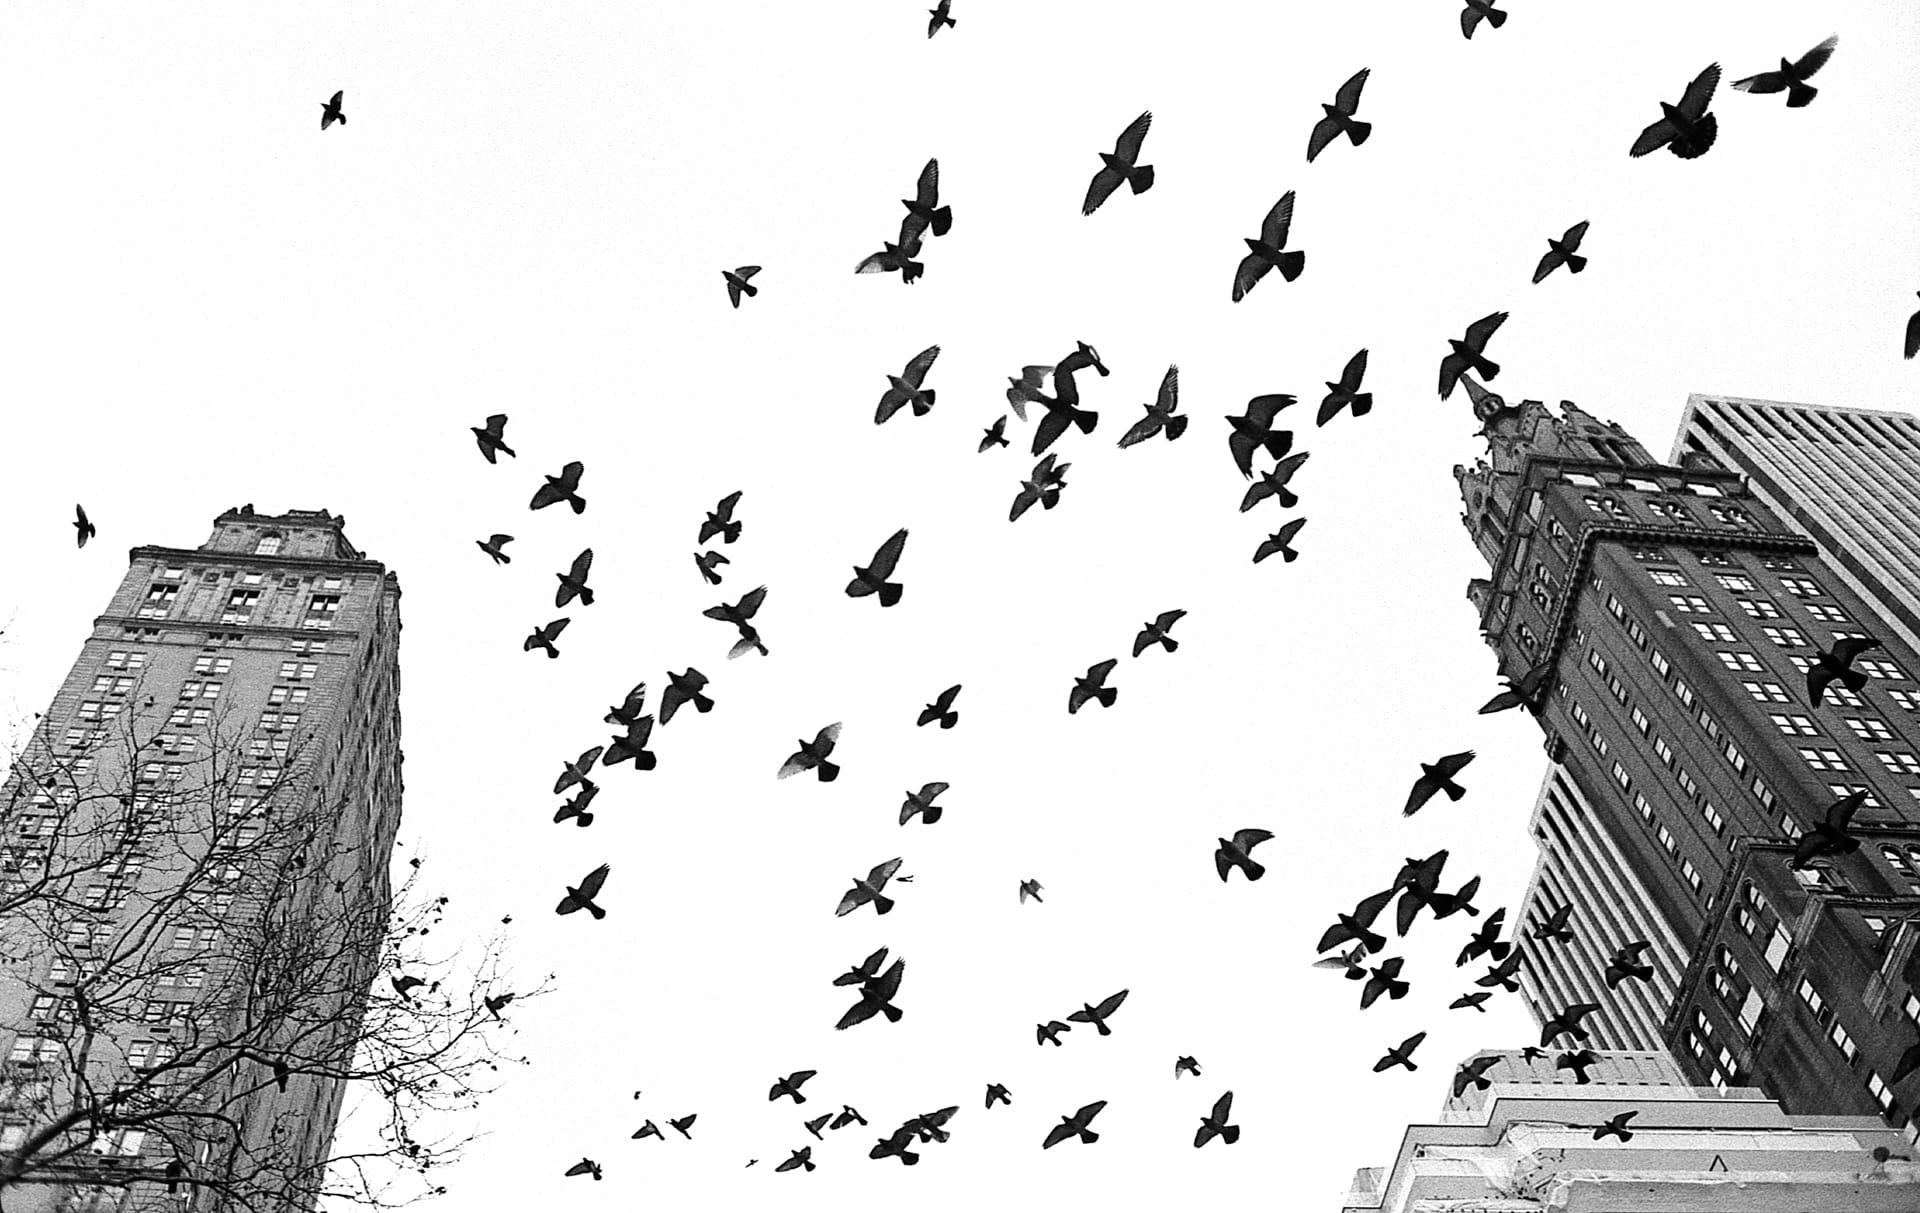 Pigeons Over Central Park